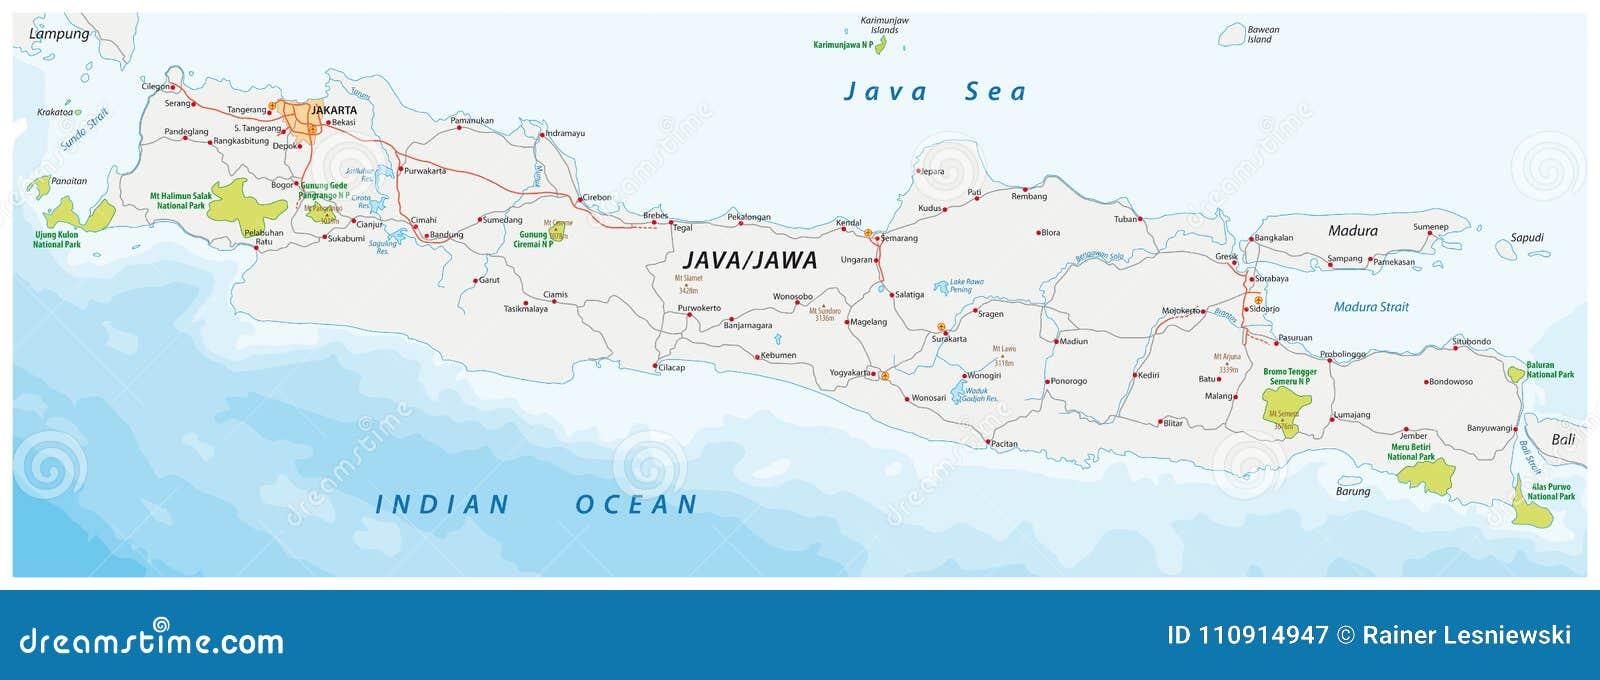 Bali Karte Asien.Vector Karte Der Straße Und Des Nationalparks Der Indonesischen